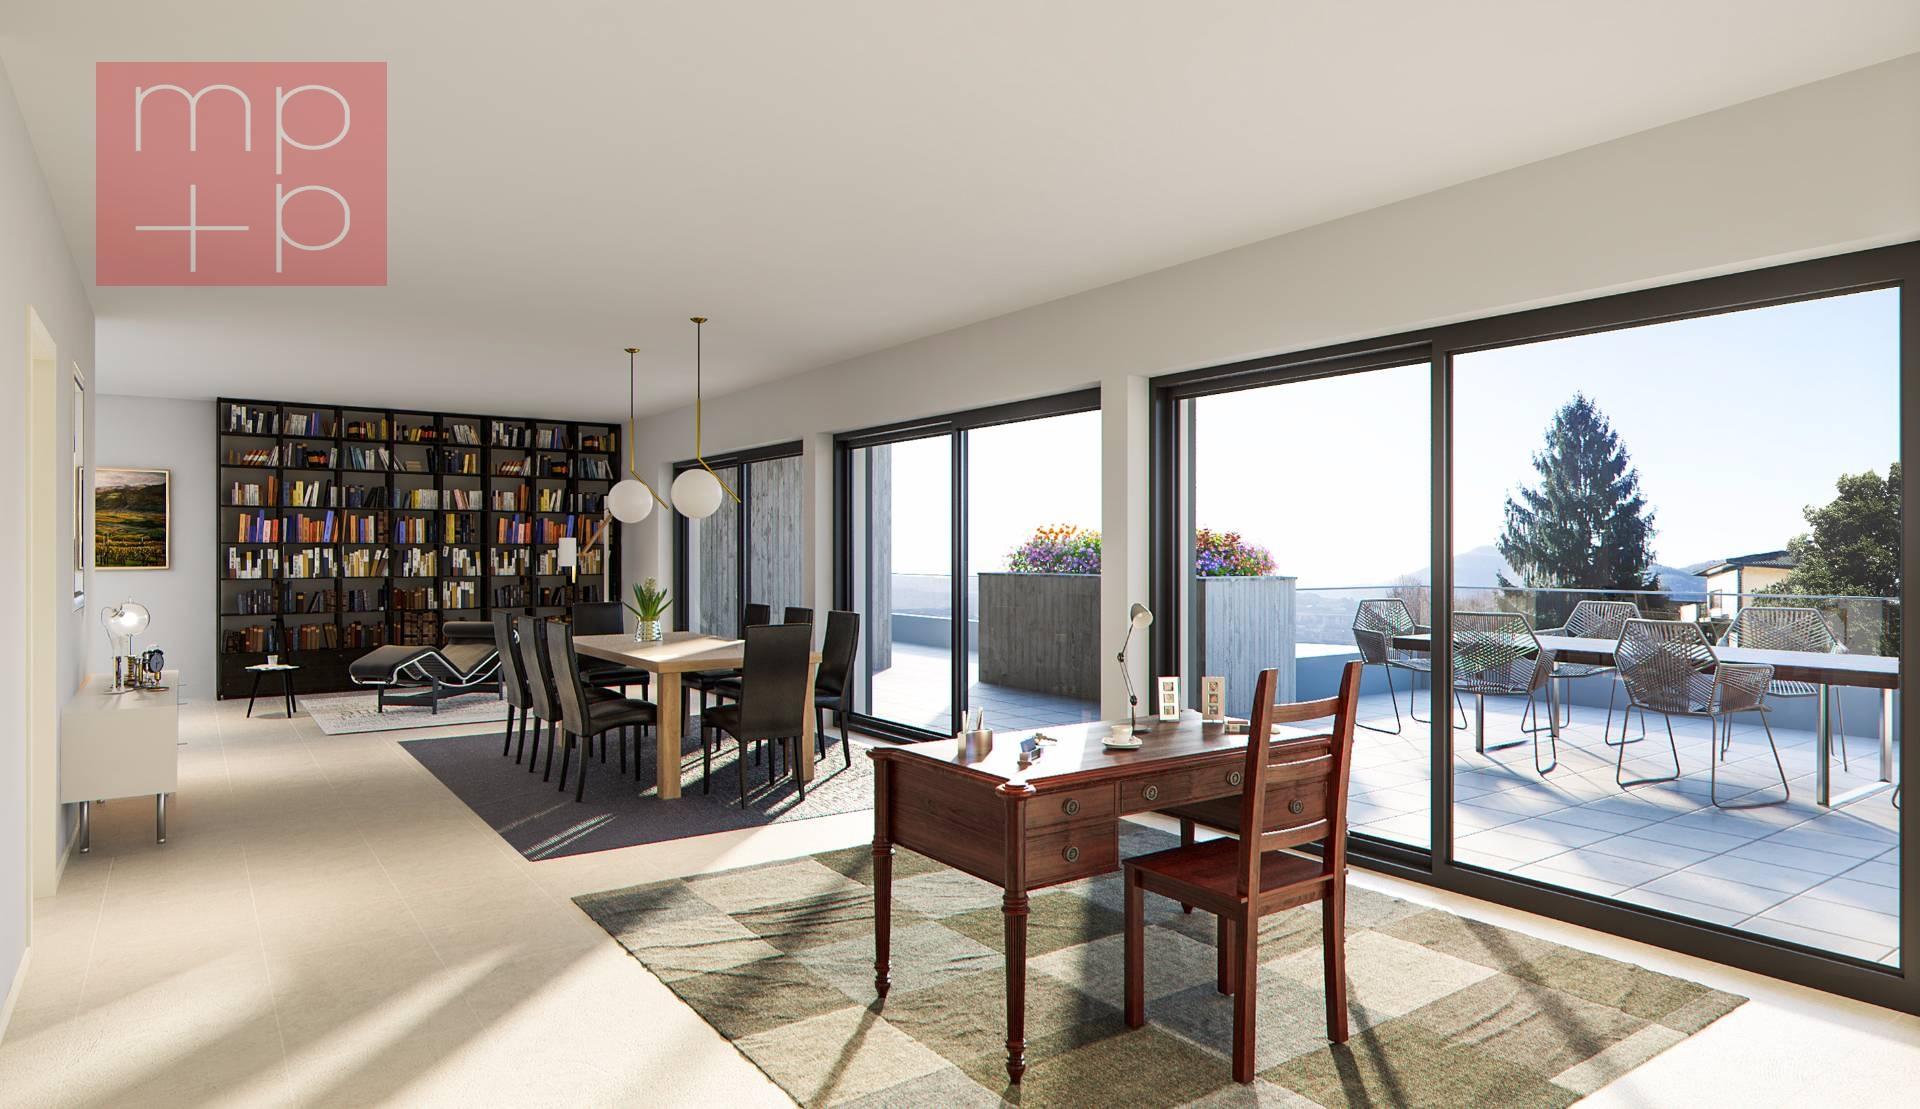 Affitto: appartamento in nuova palazzina